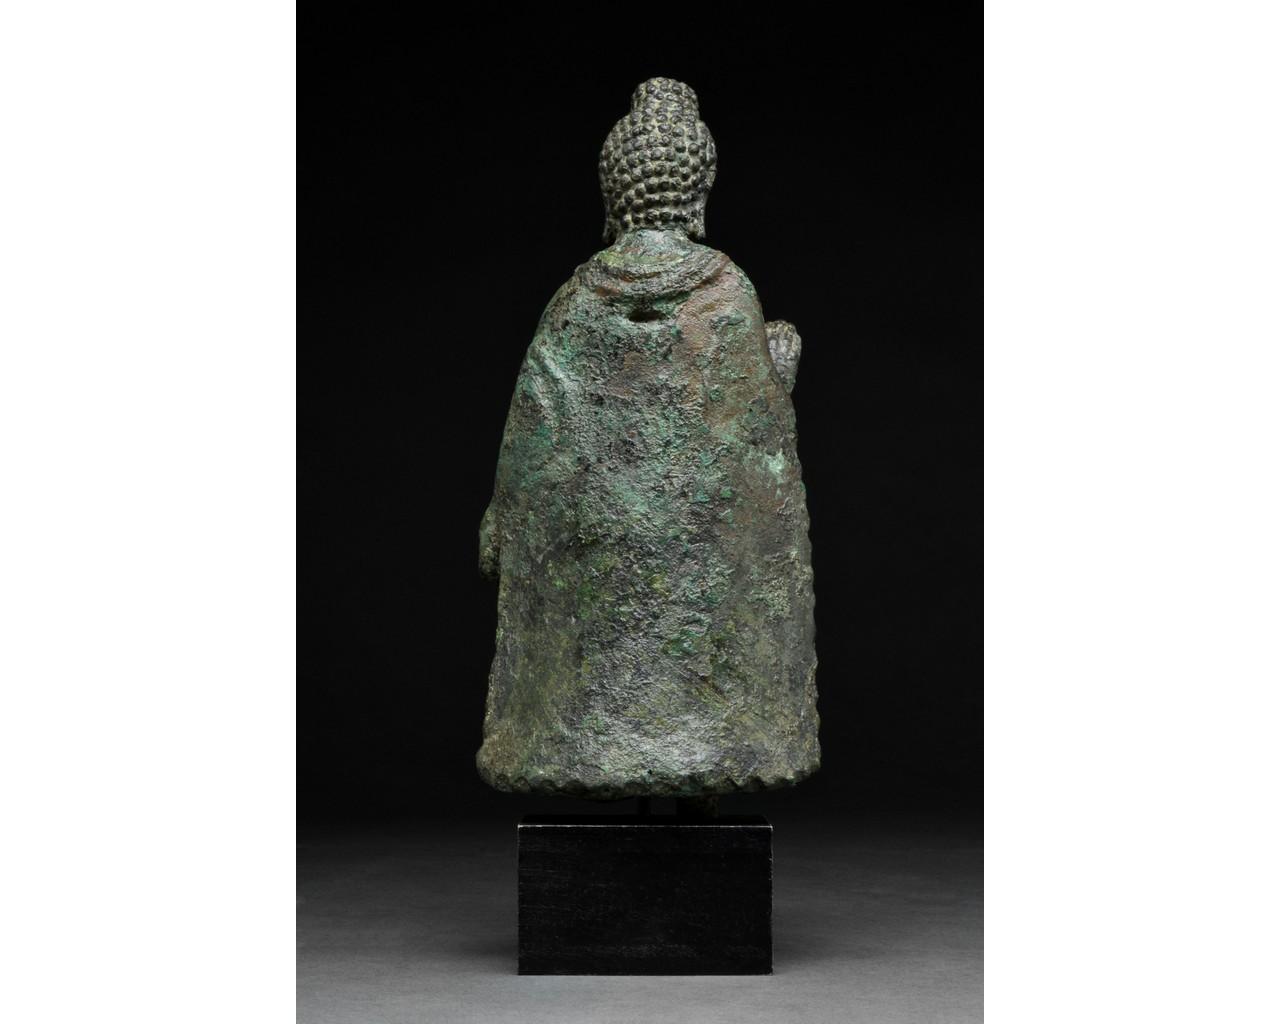 GANDHARA BRONZE FIGURE OF BUDDHA - Image 3 of 5